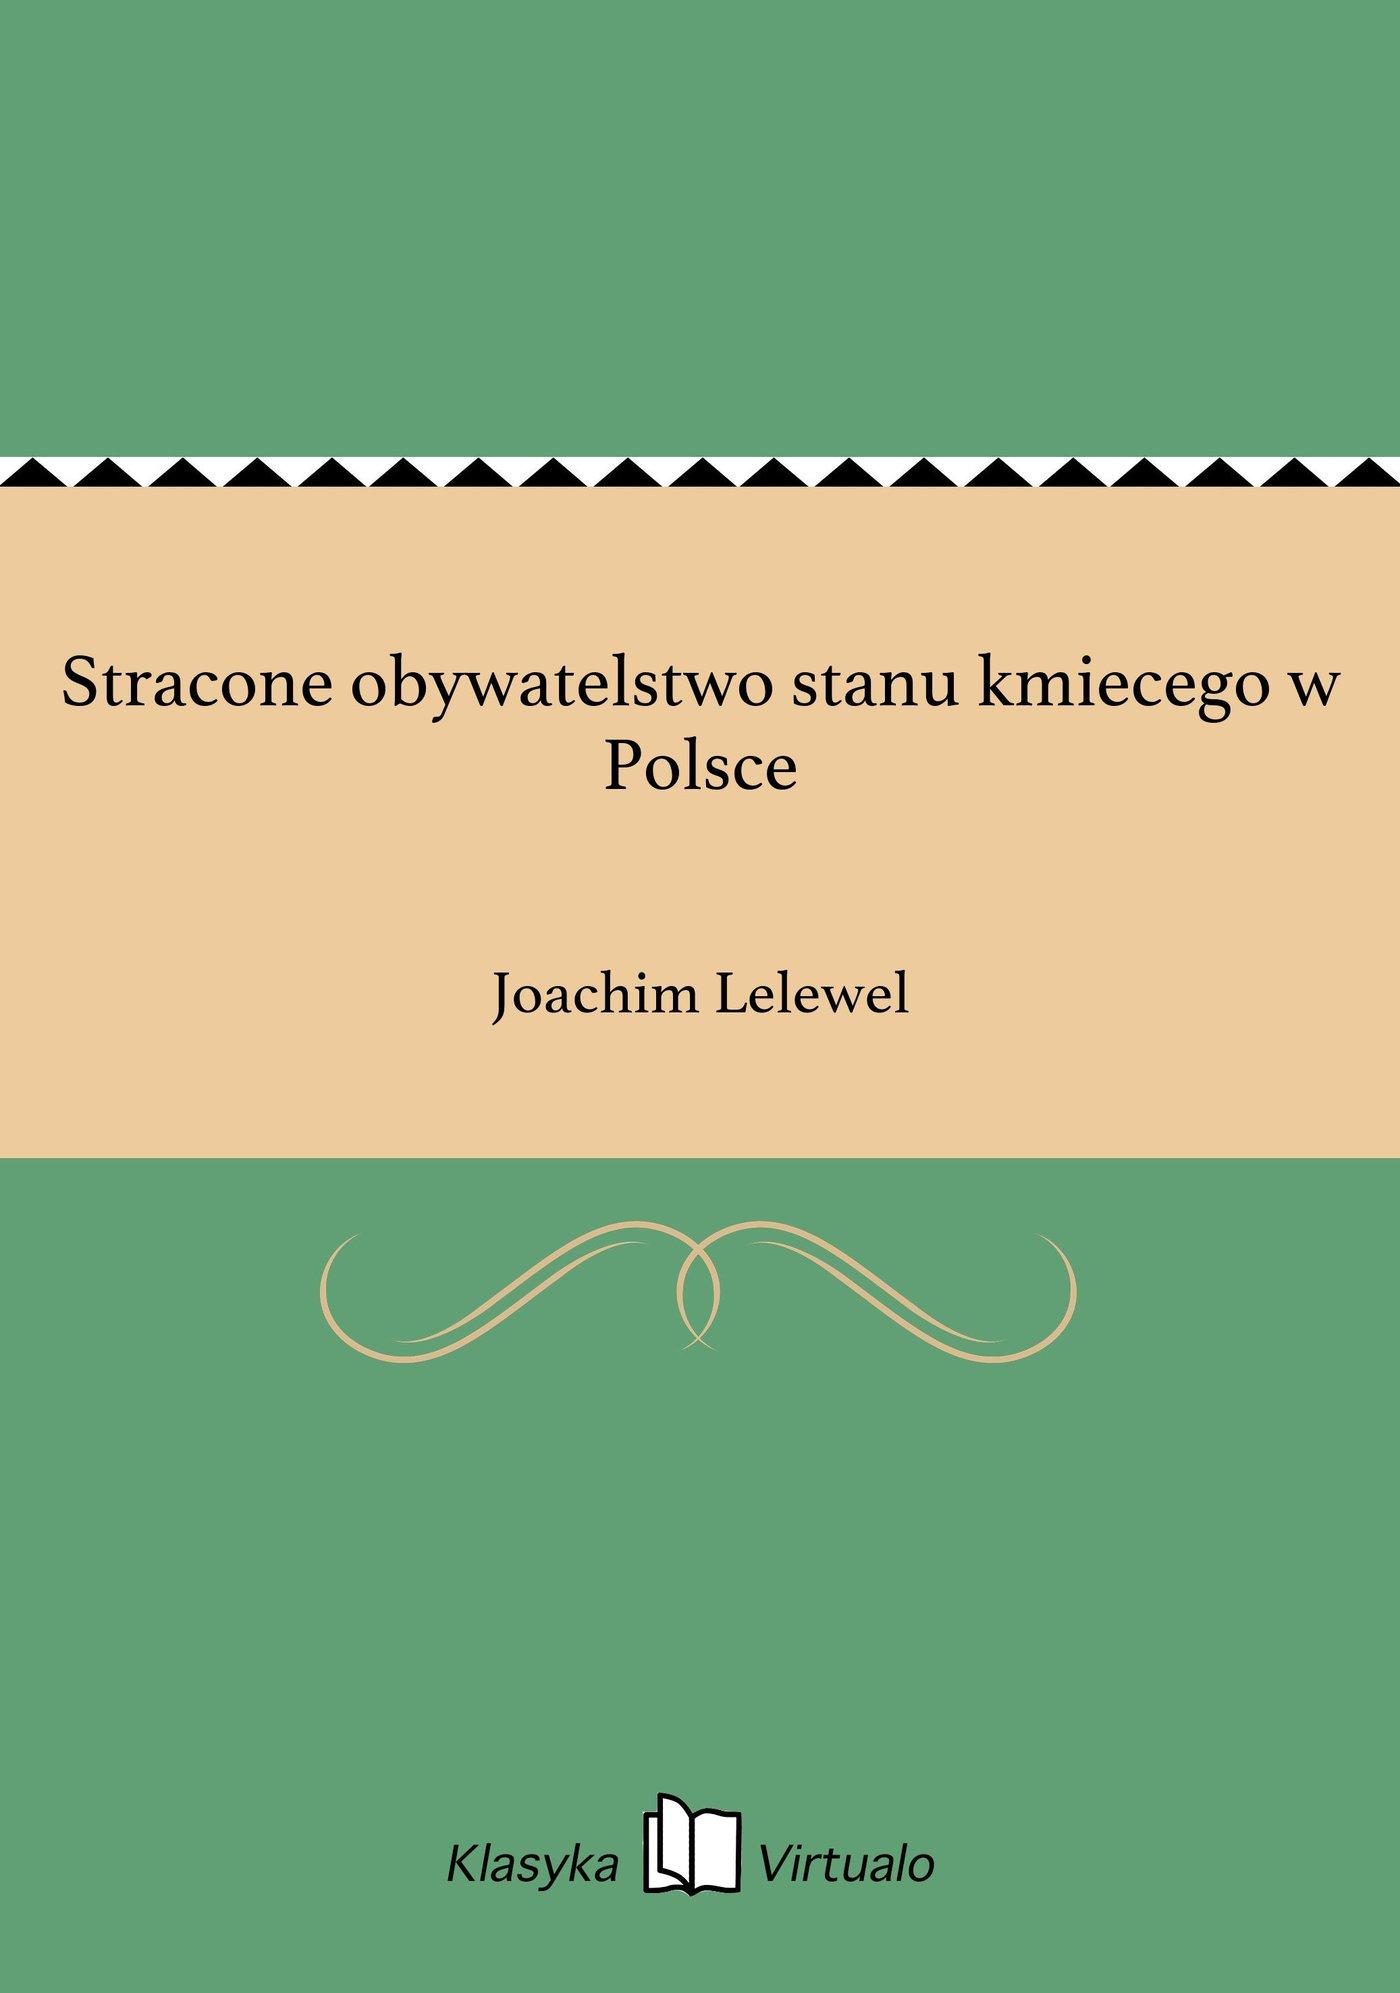 Stracone obywatelstwo stanu kmiecego w Polsce - Ebook (Książka EPUB) do pobrania w formacie EPUB